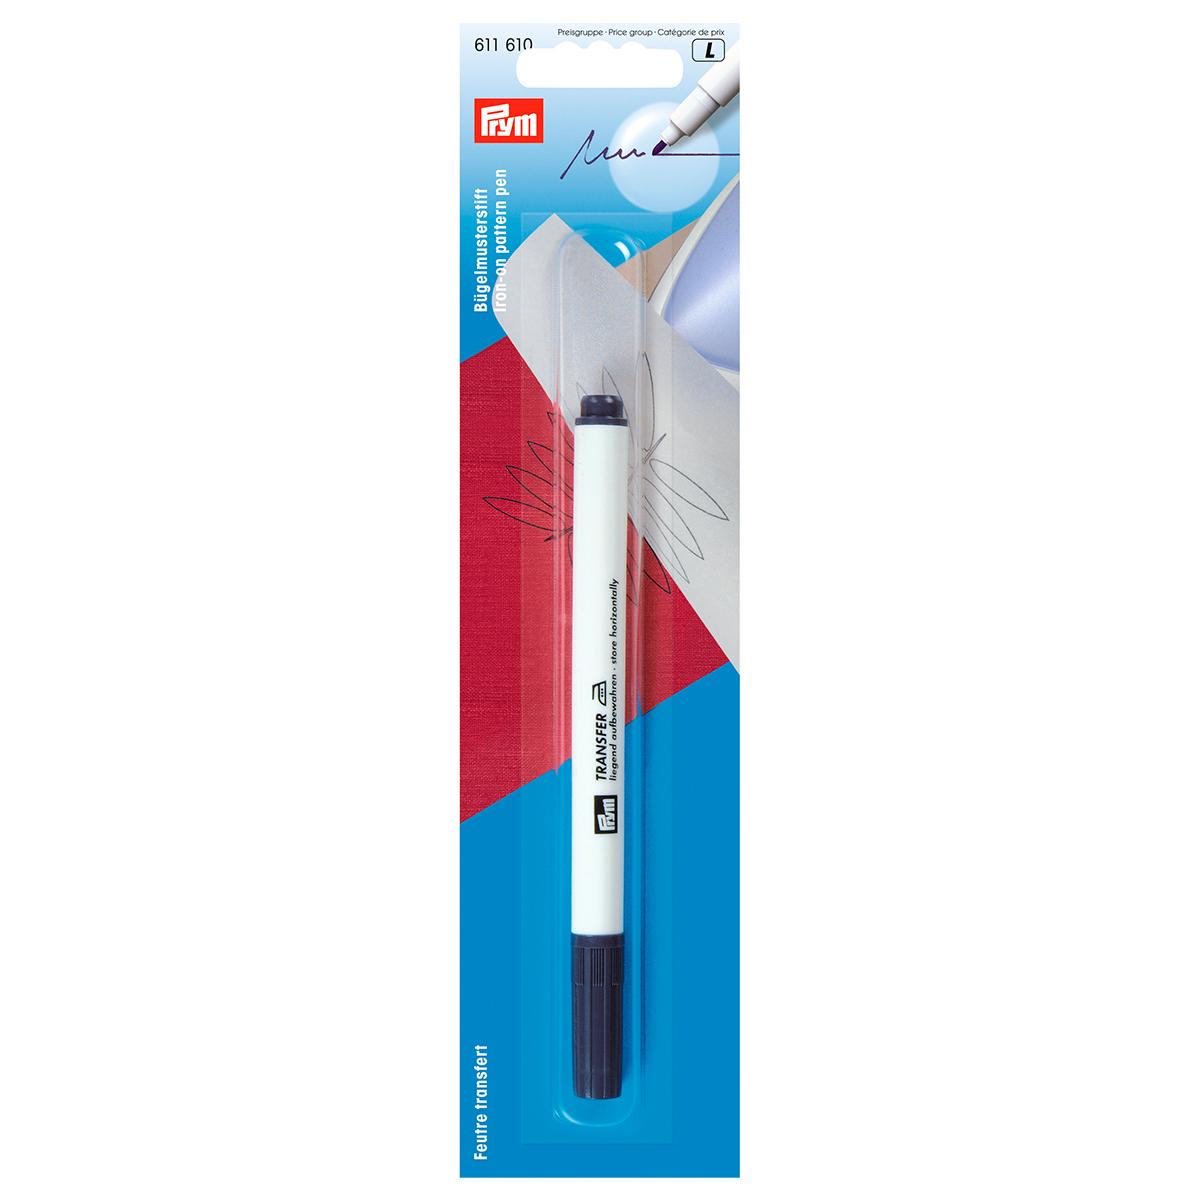 611610 Маркер для термо-рисунков,синий Prym